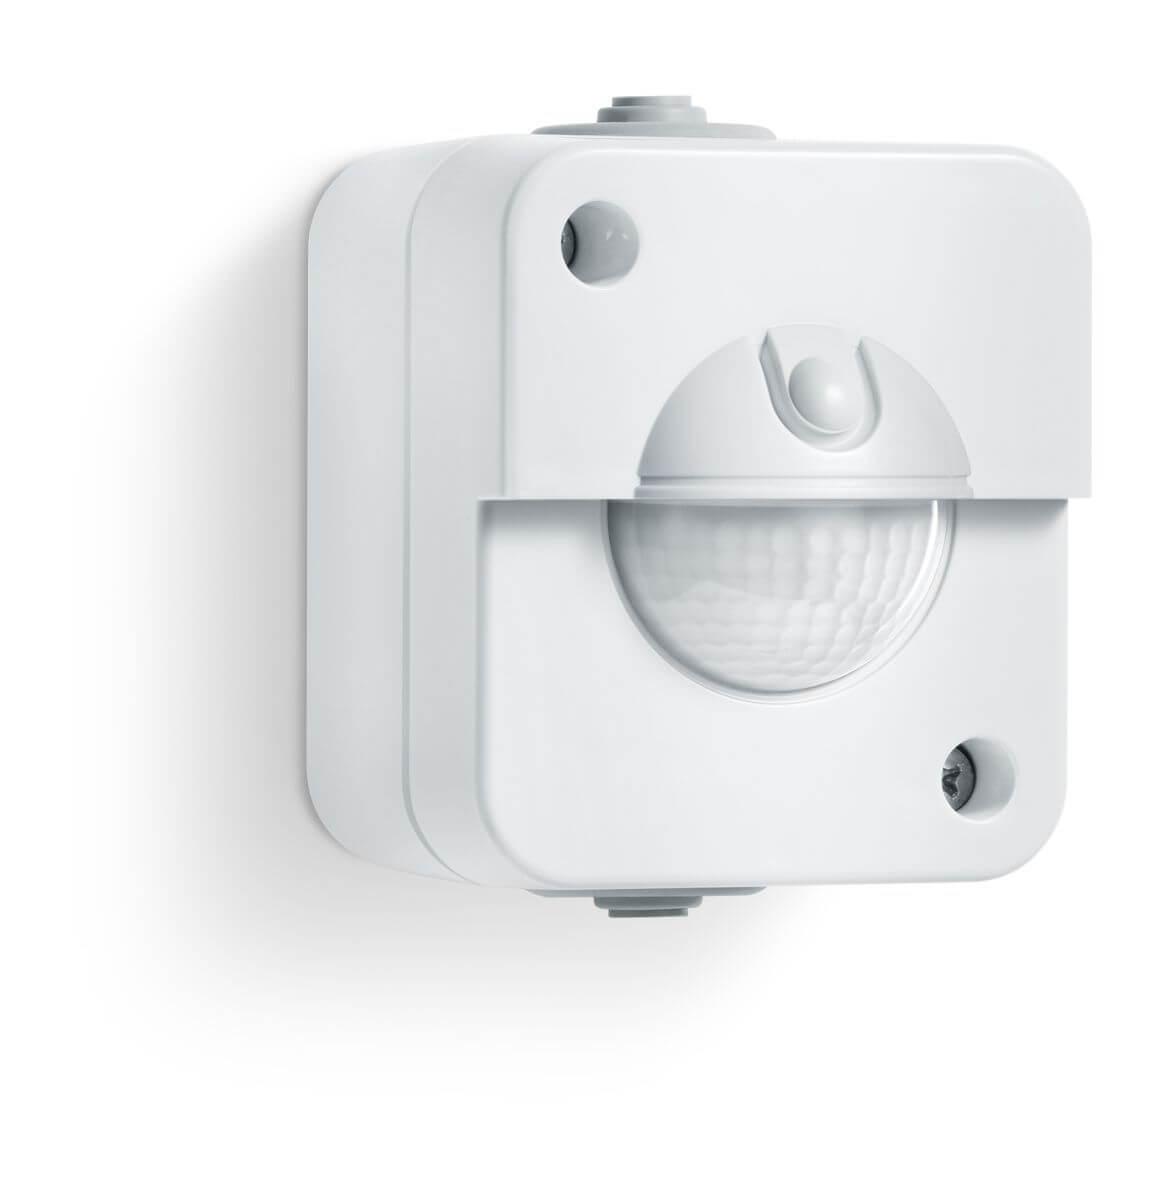 steinel ir 180 sensorschalter wandsensor sensor automatikschalter up ap wei neu markenbaumarkt24. Black Bedroom Furniture Sets. Home Design Ideas